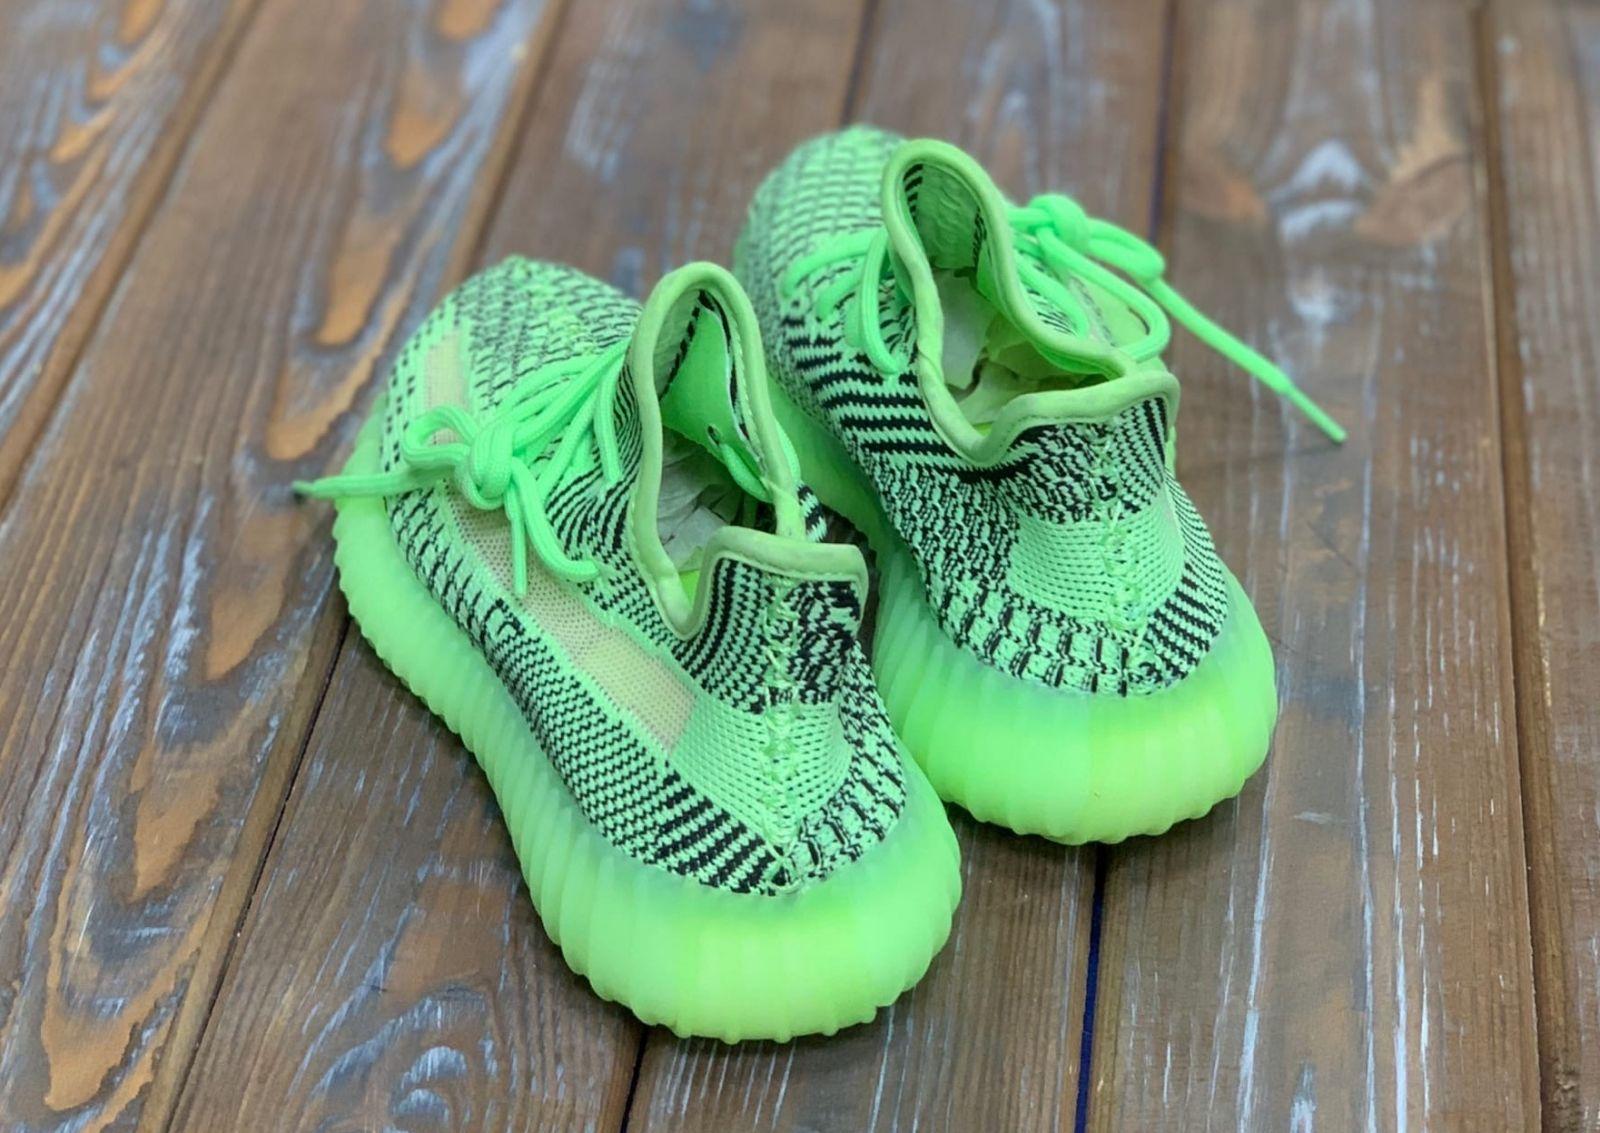 кроссовки Adidas Yeezy 350 Boost Yeezreel (Non-Reflective)